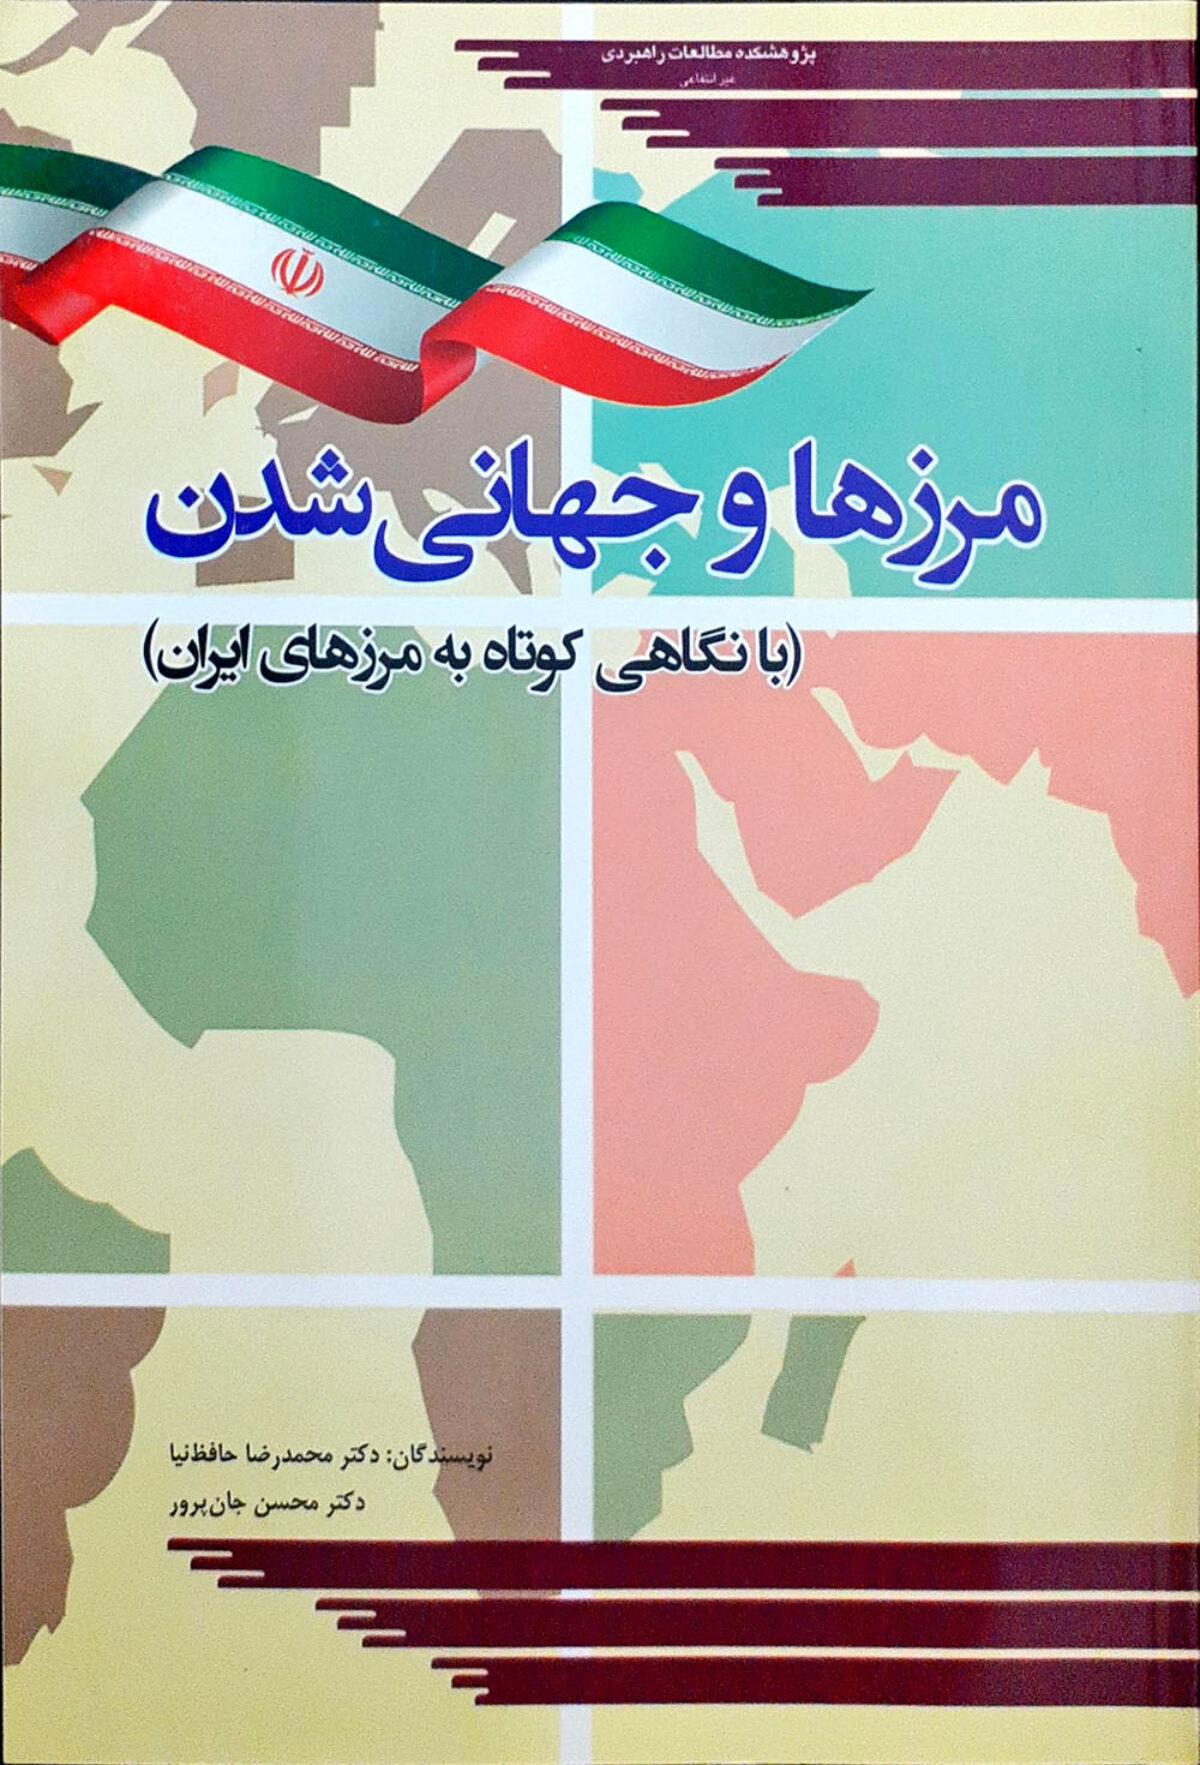 مرزها و جهانی شدن (با نگاهی کوتاه به مرزهای ایران)